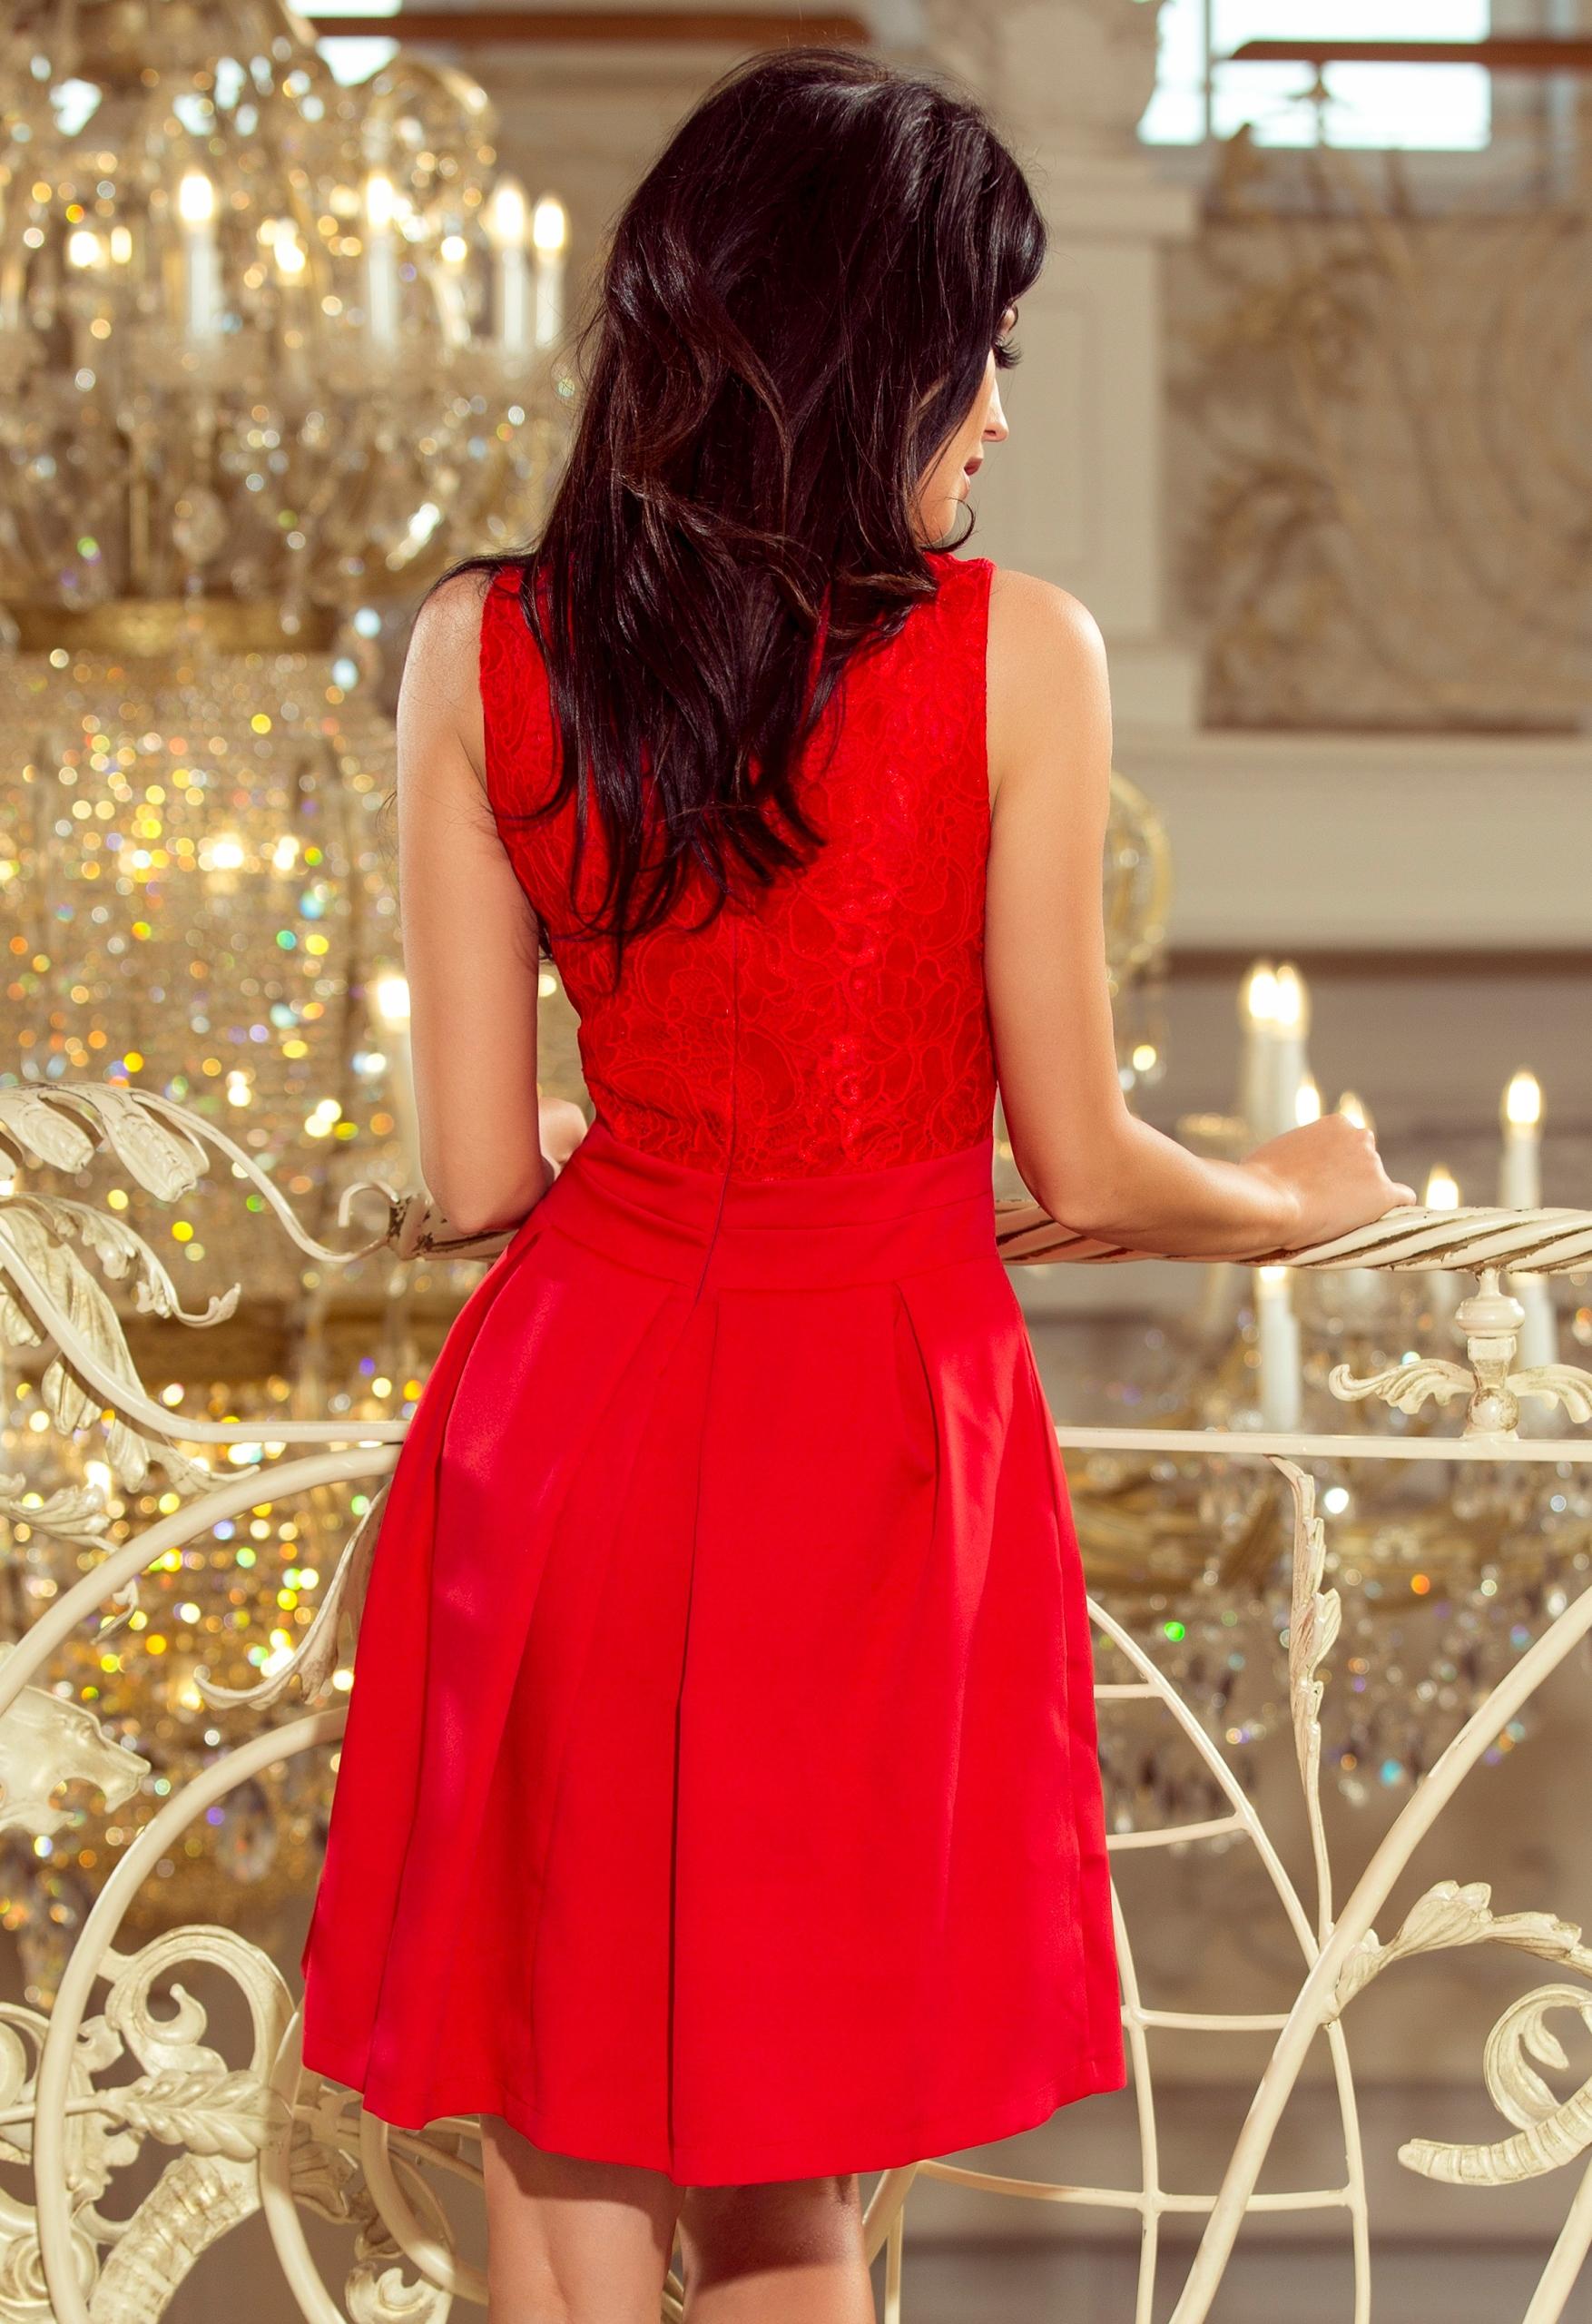 картинки платье на свидание дмб-шные пряги